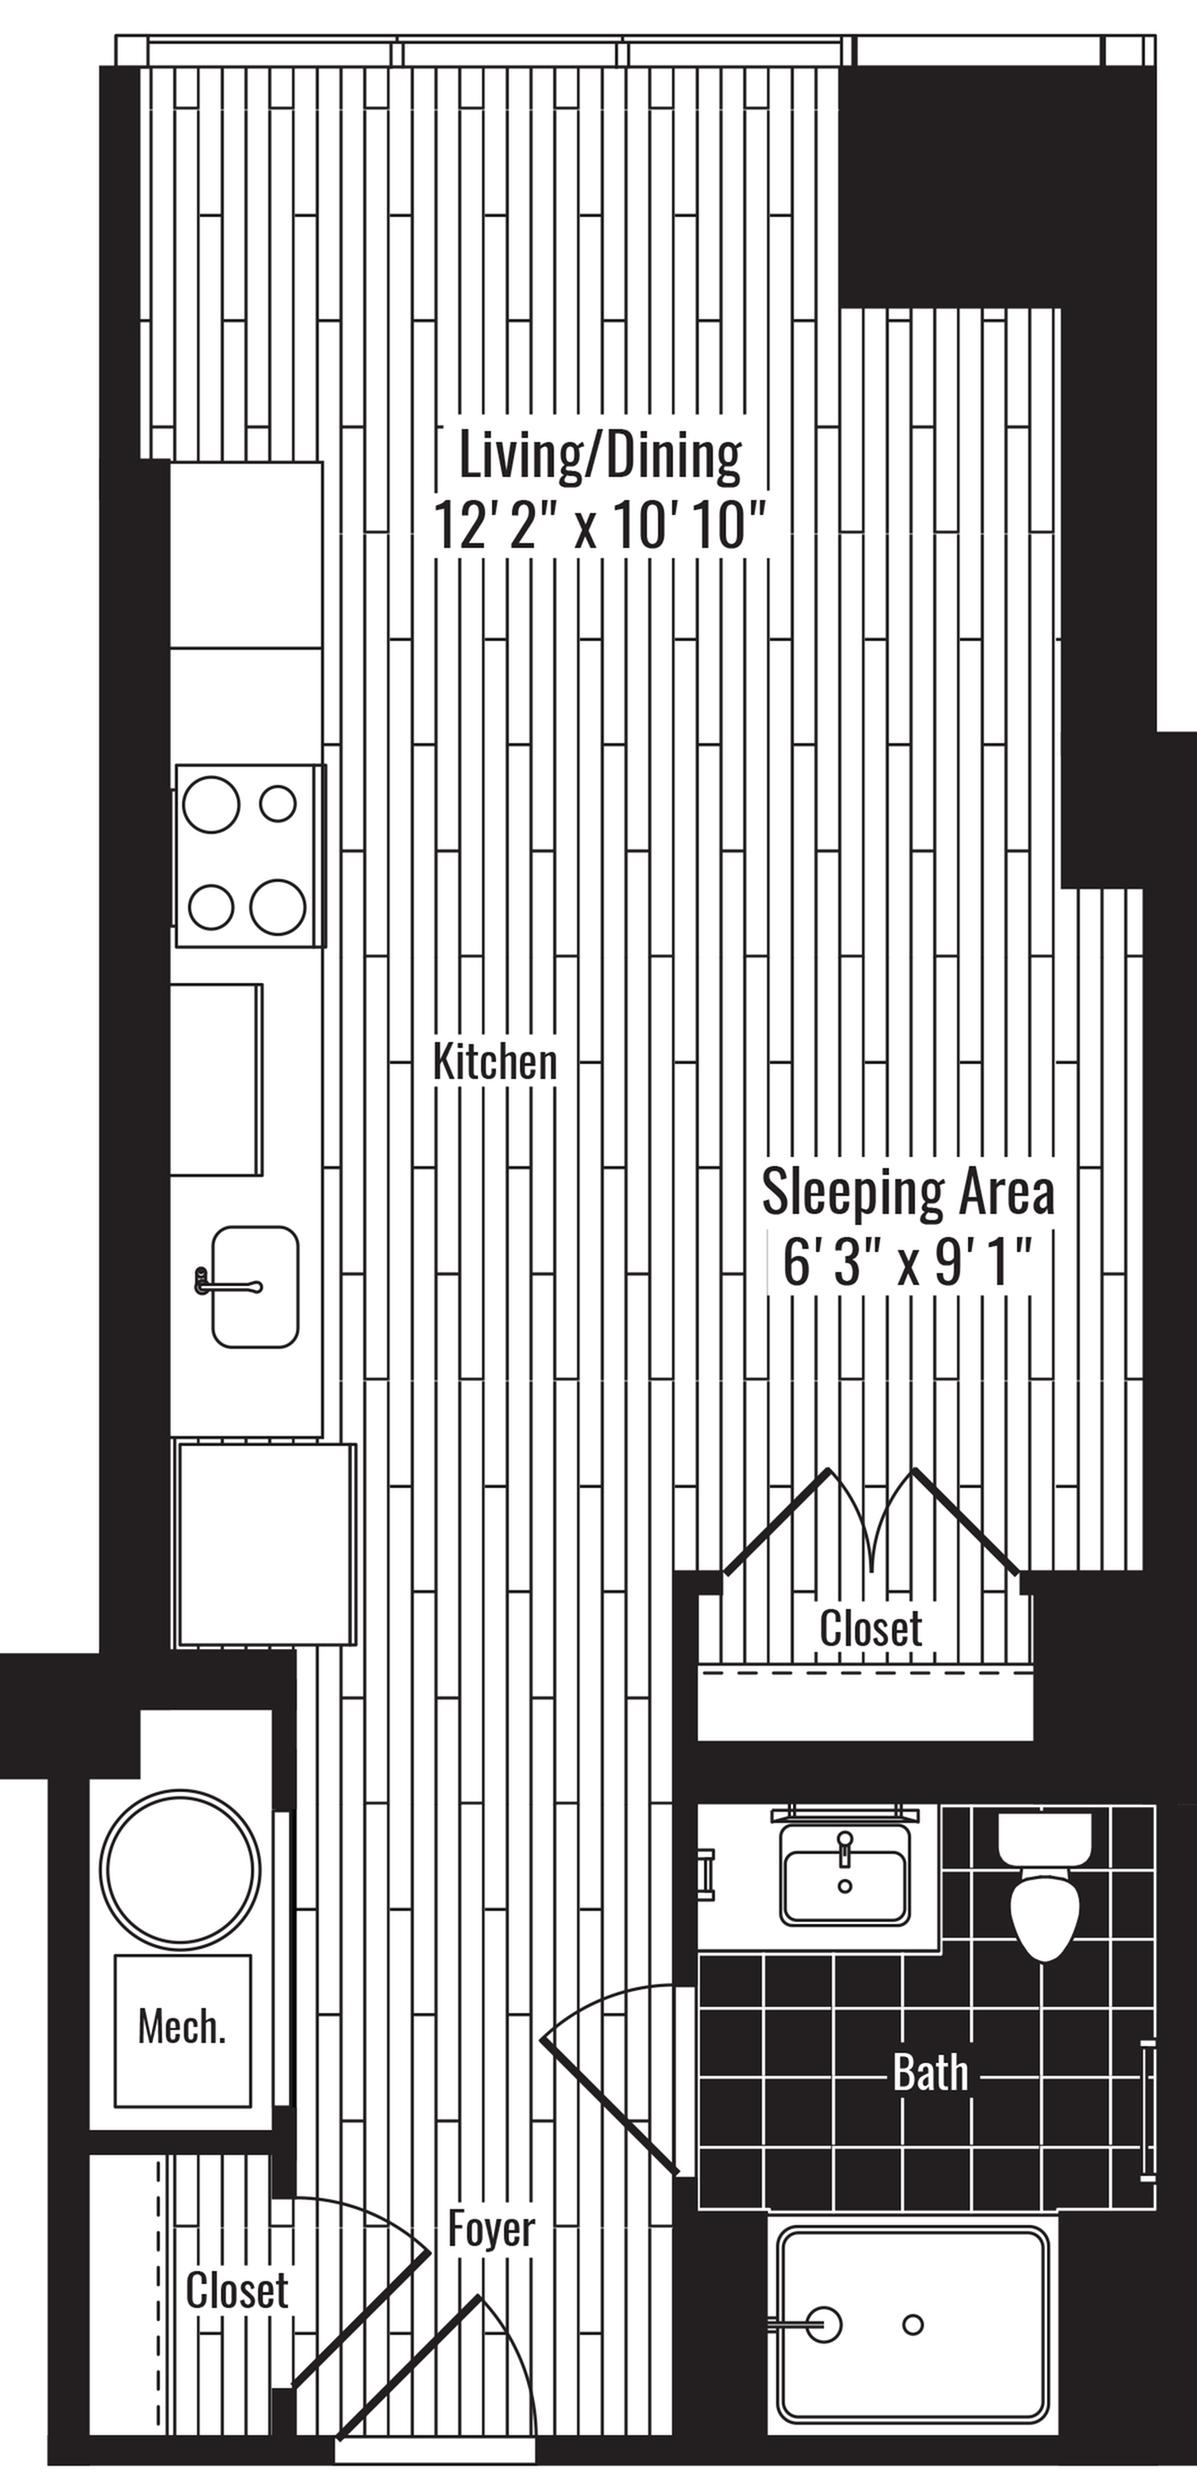 457 square foot studio one bath apartment floor plan image